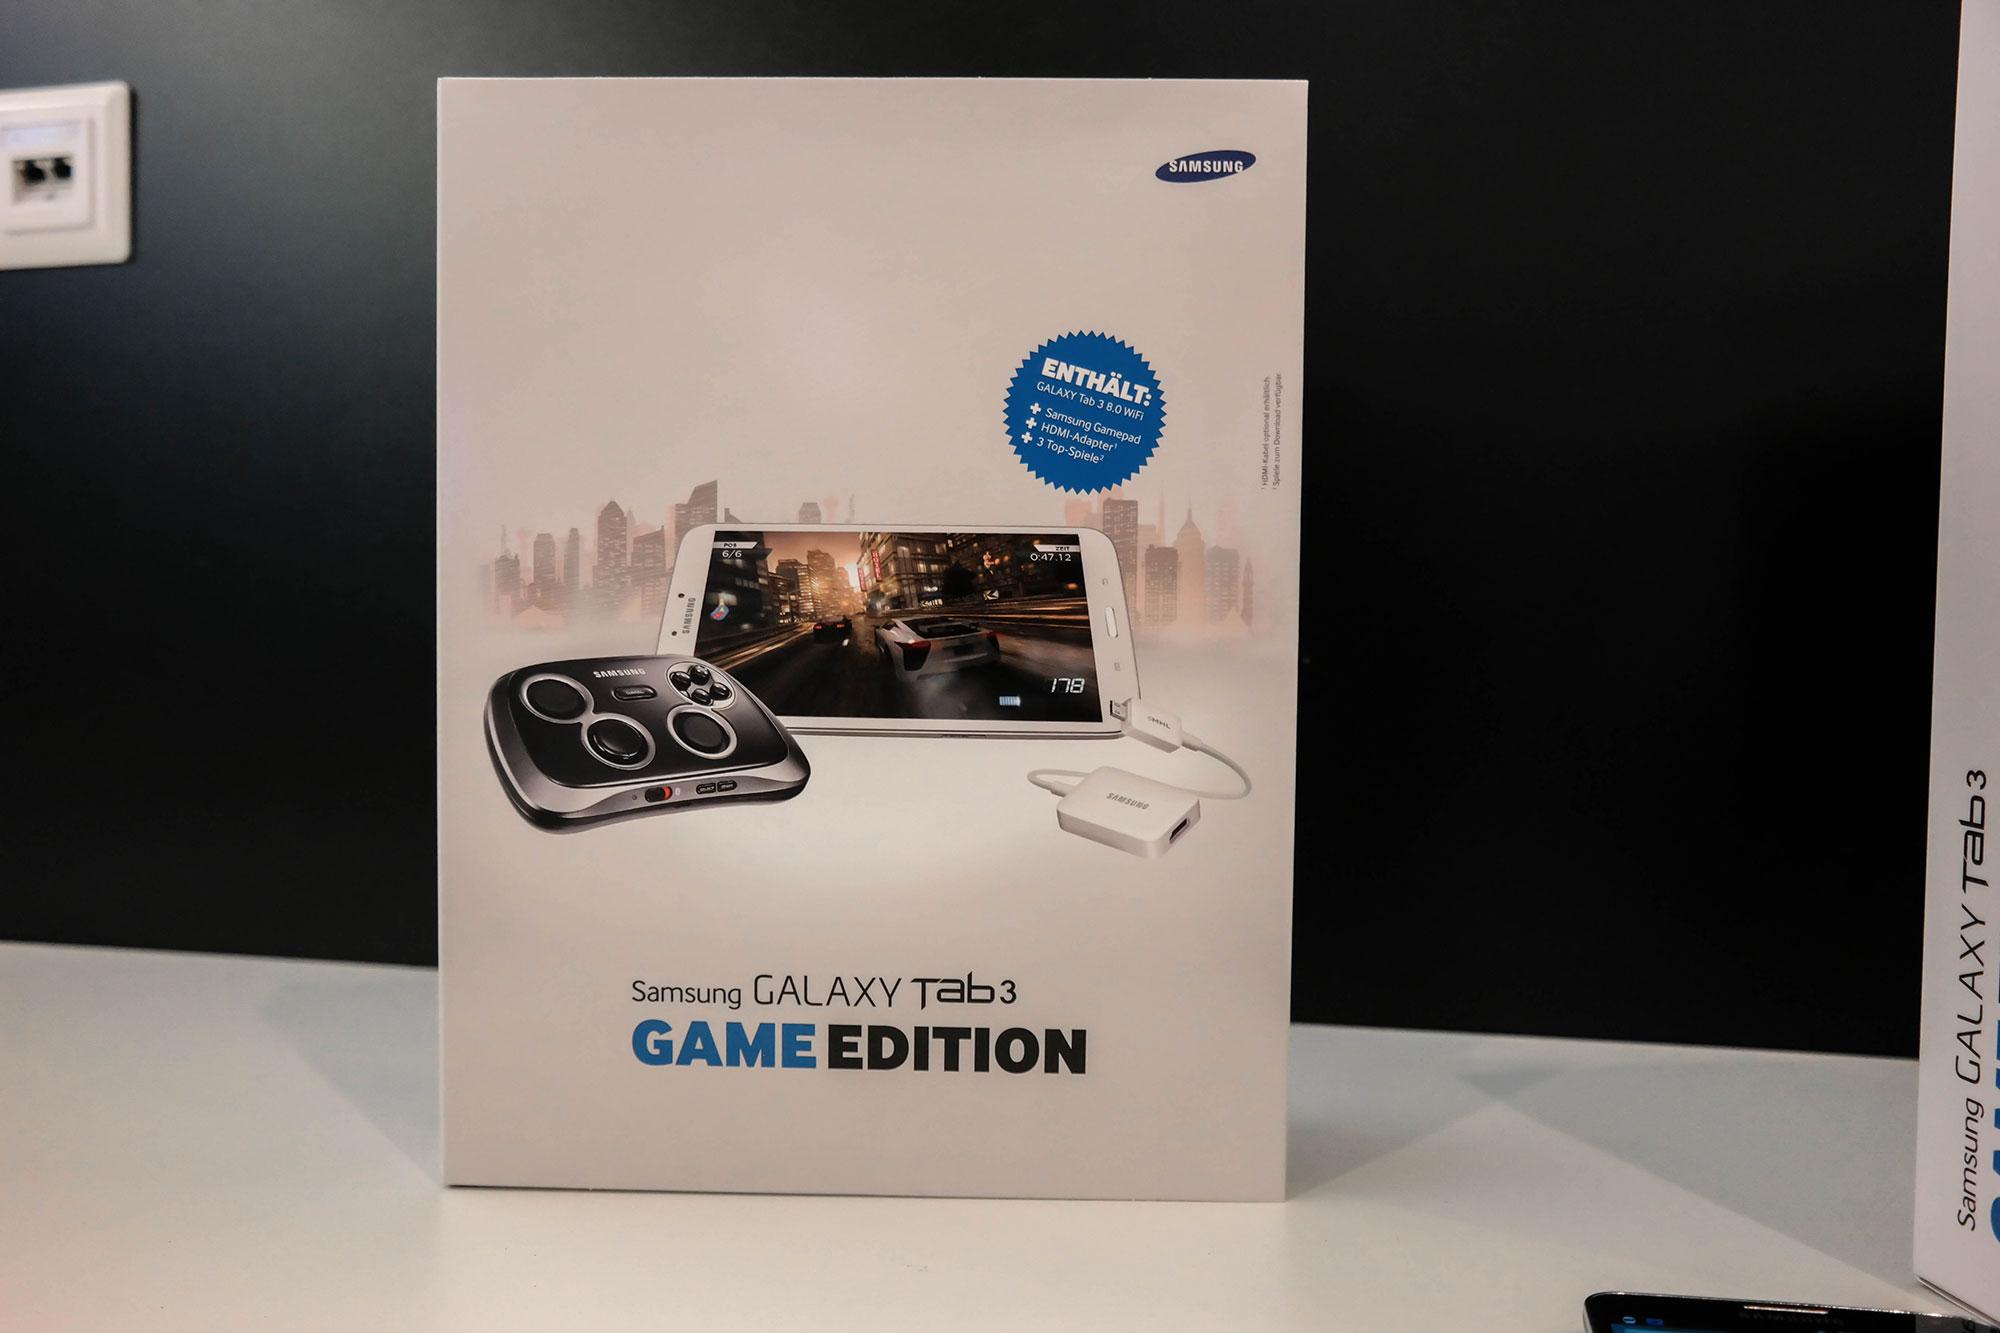 Das GalaxyTab 3 in der Game-Edition. (Foto: allaboutsamsung)